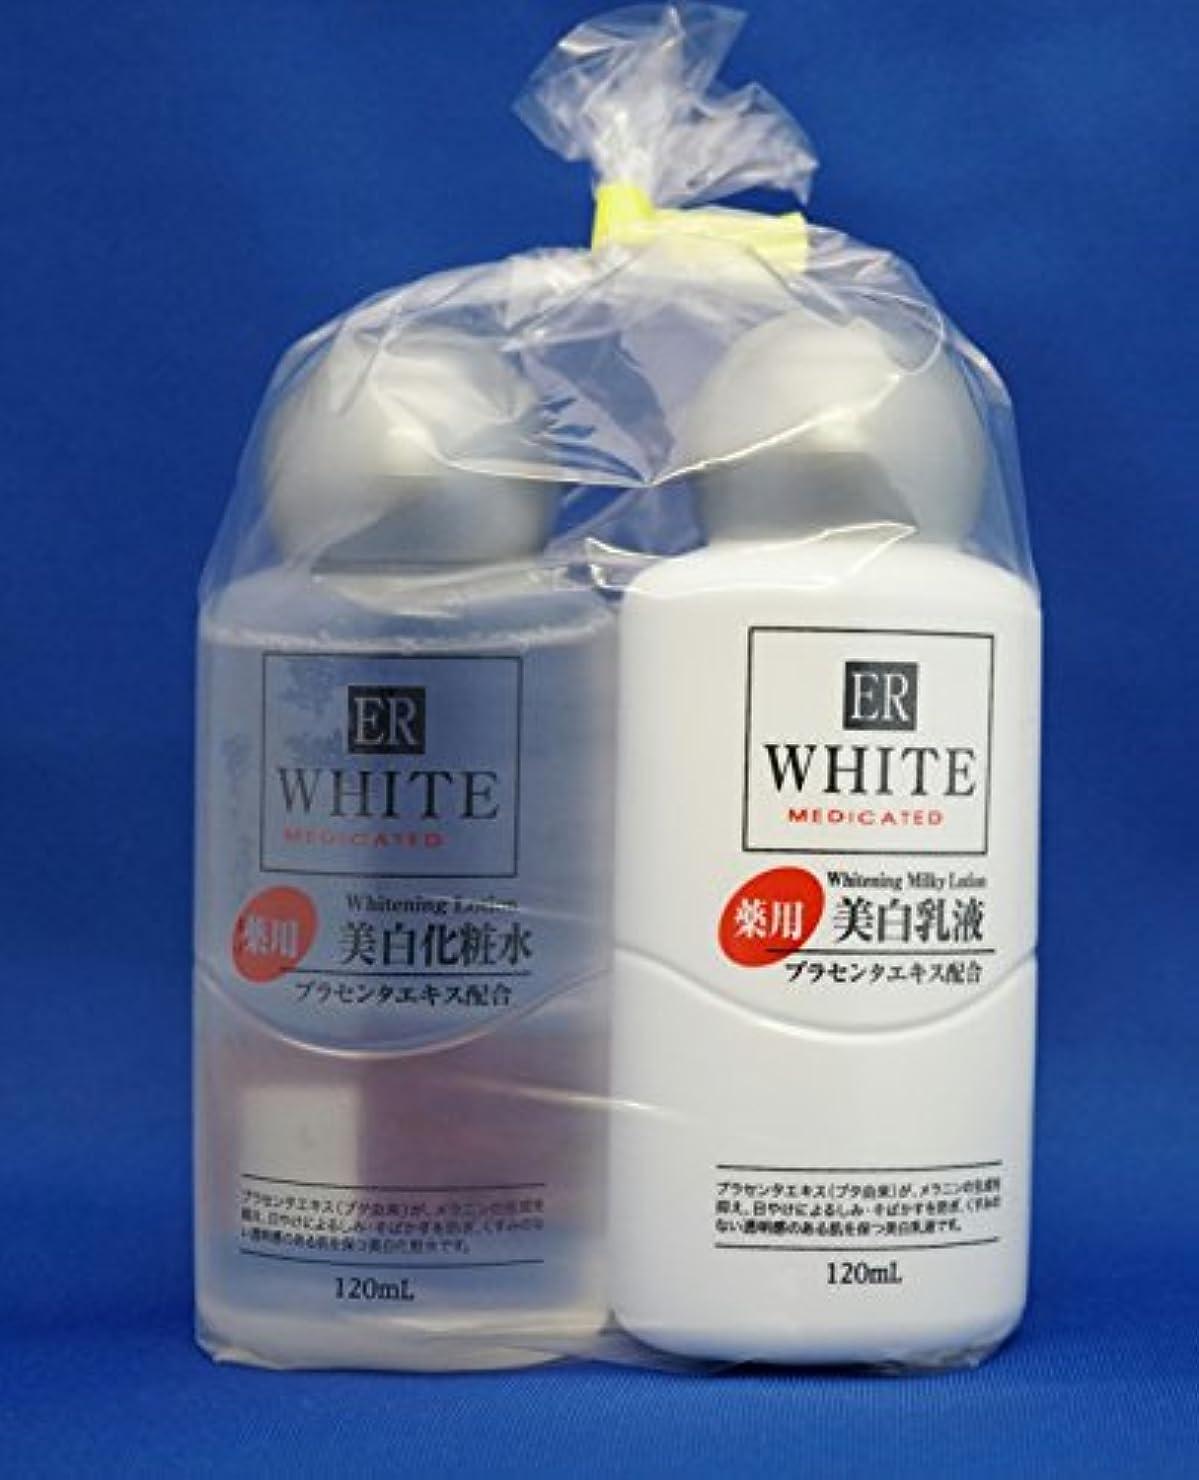 資源襟付添人2個セット ダイソー ER コスモ ホワイトニング ミルクV(薬用美白乳液) と ER ホワイトニングローションV(薬用美白化粧水)